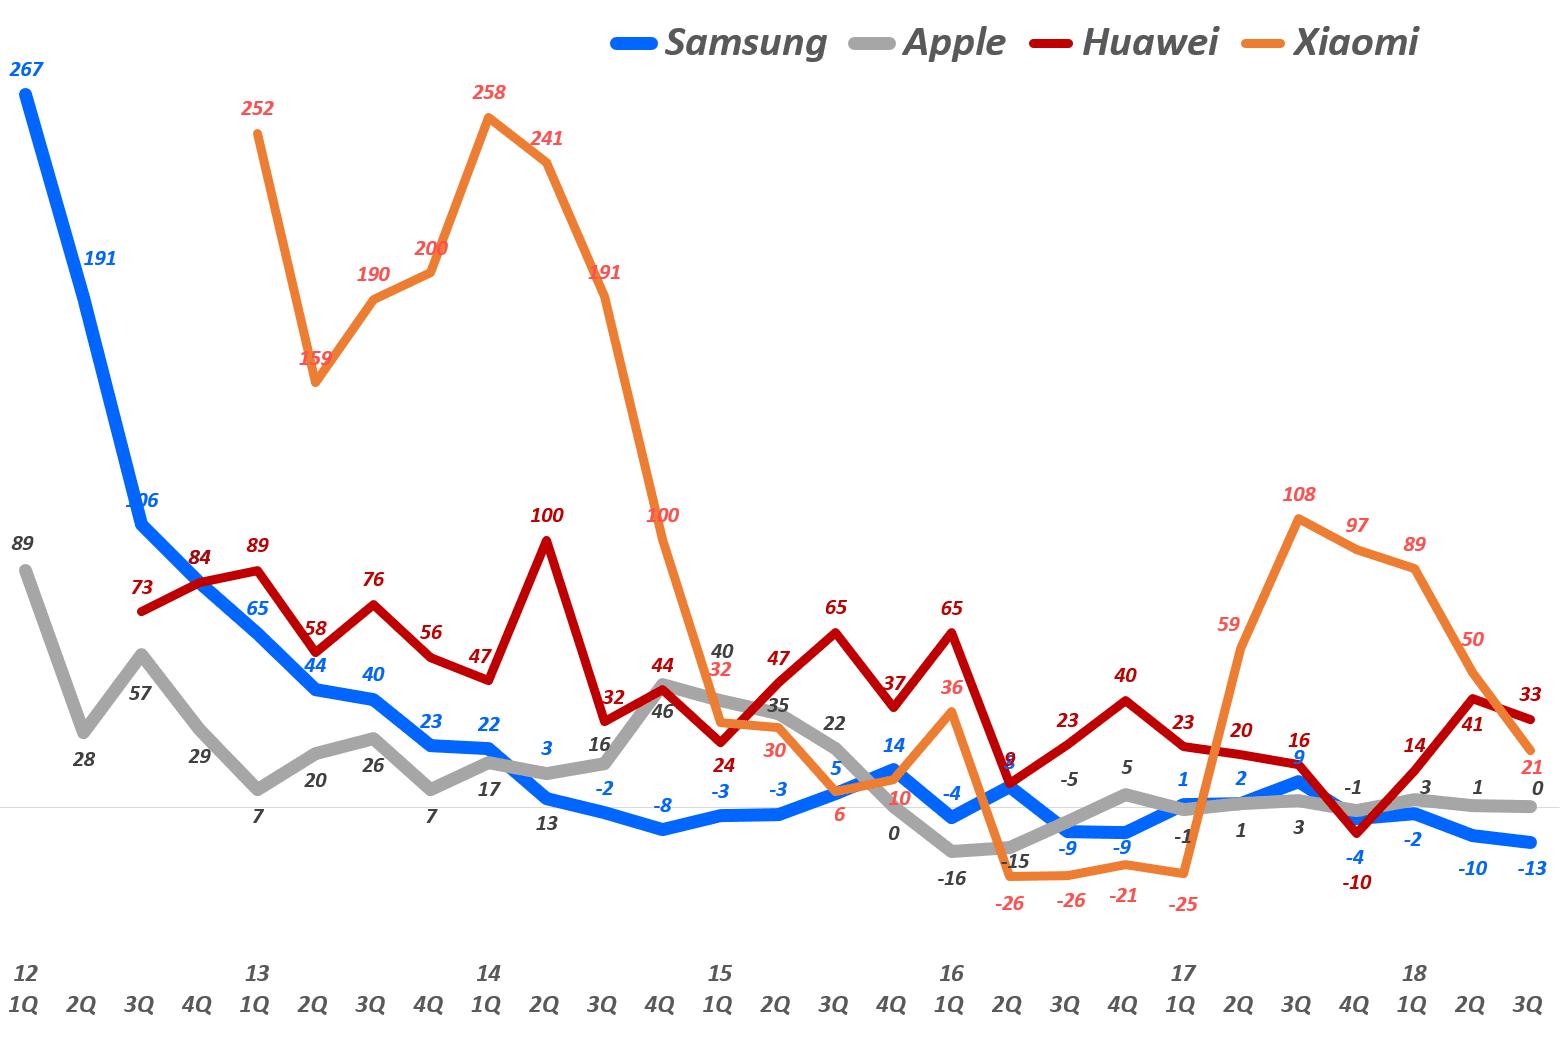 주요 업체별 전년 비 출하량 증가율 추이(2012년 1분기~2018년 3분기), data Source - IDC, Graph by happist